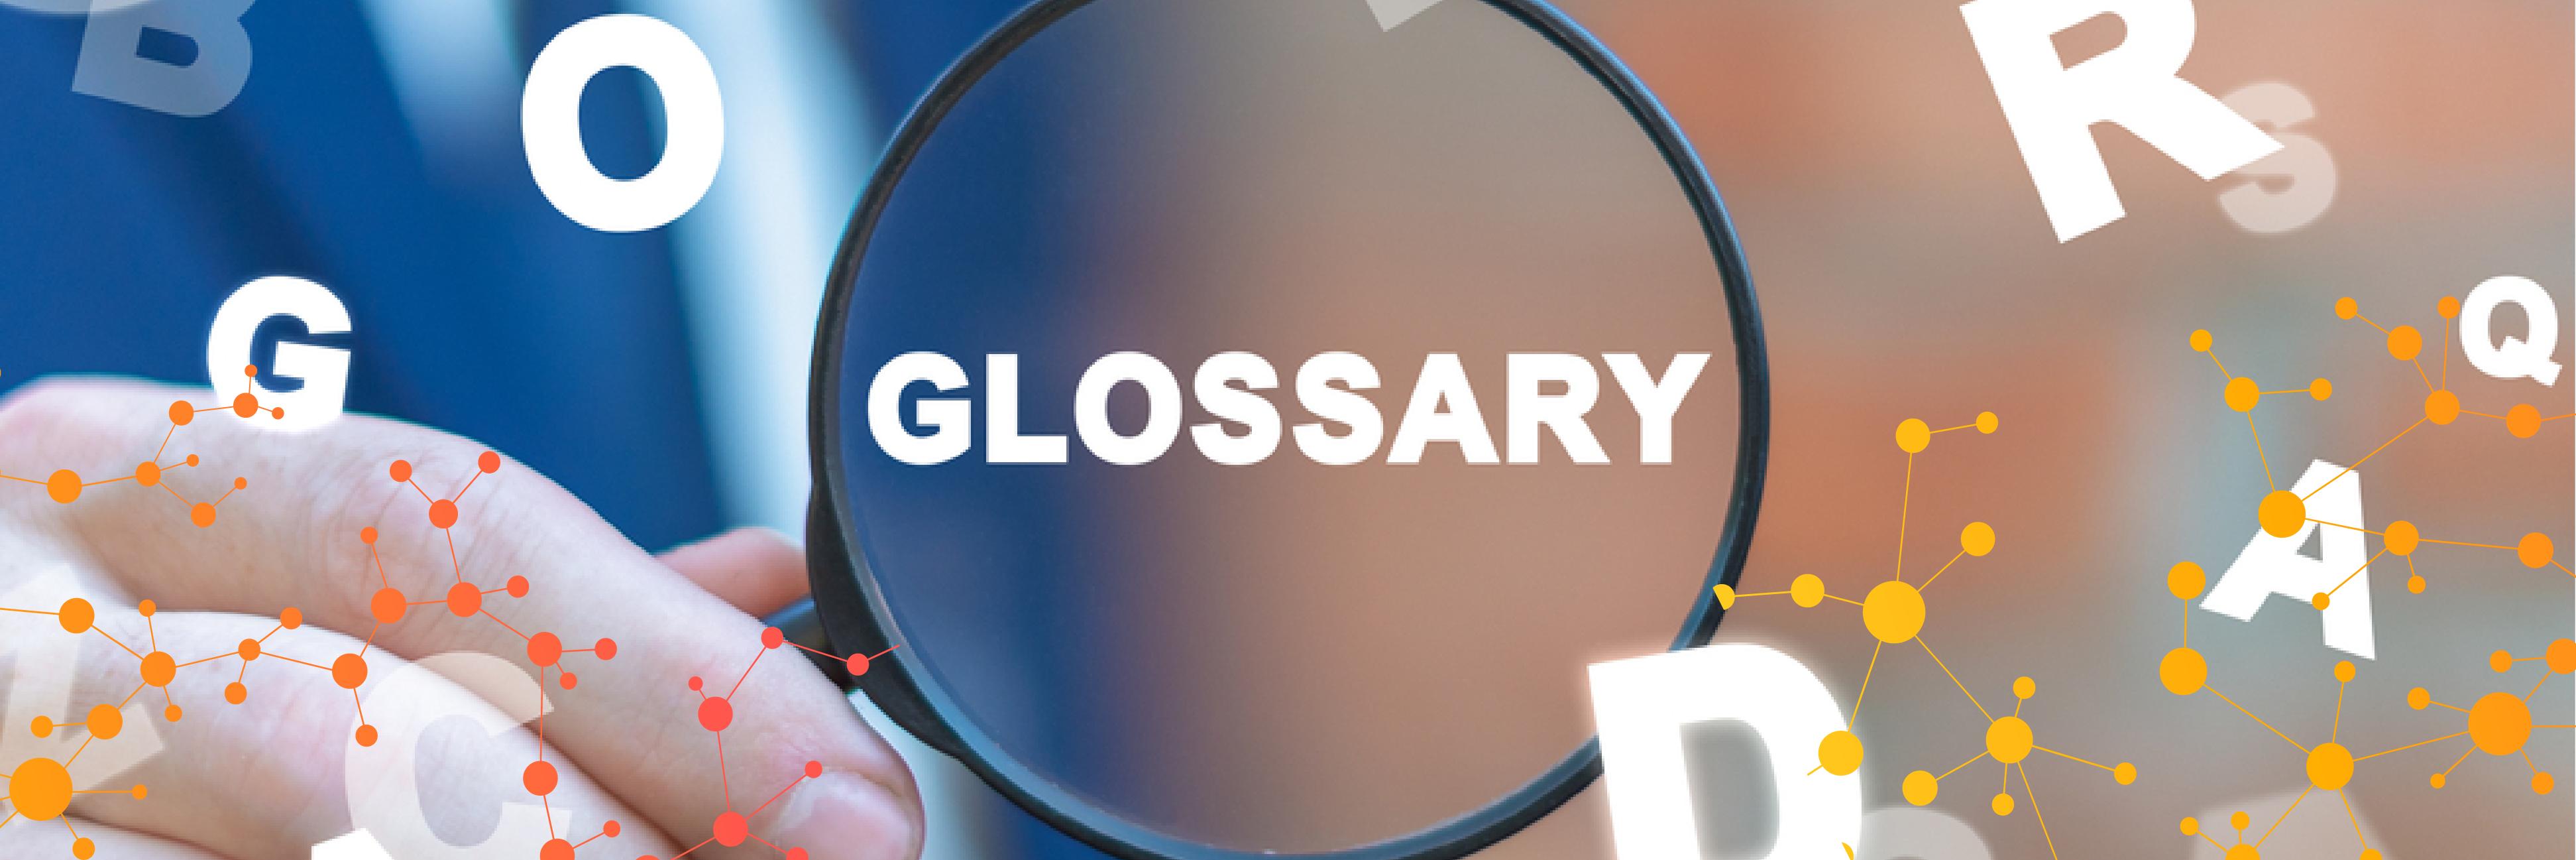 glossary new